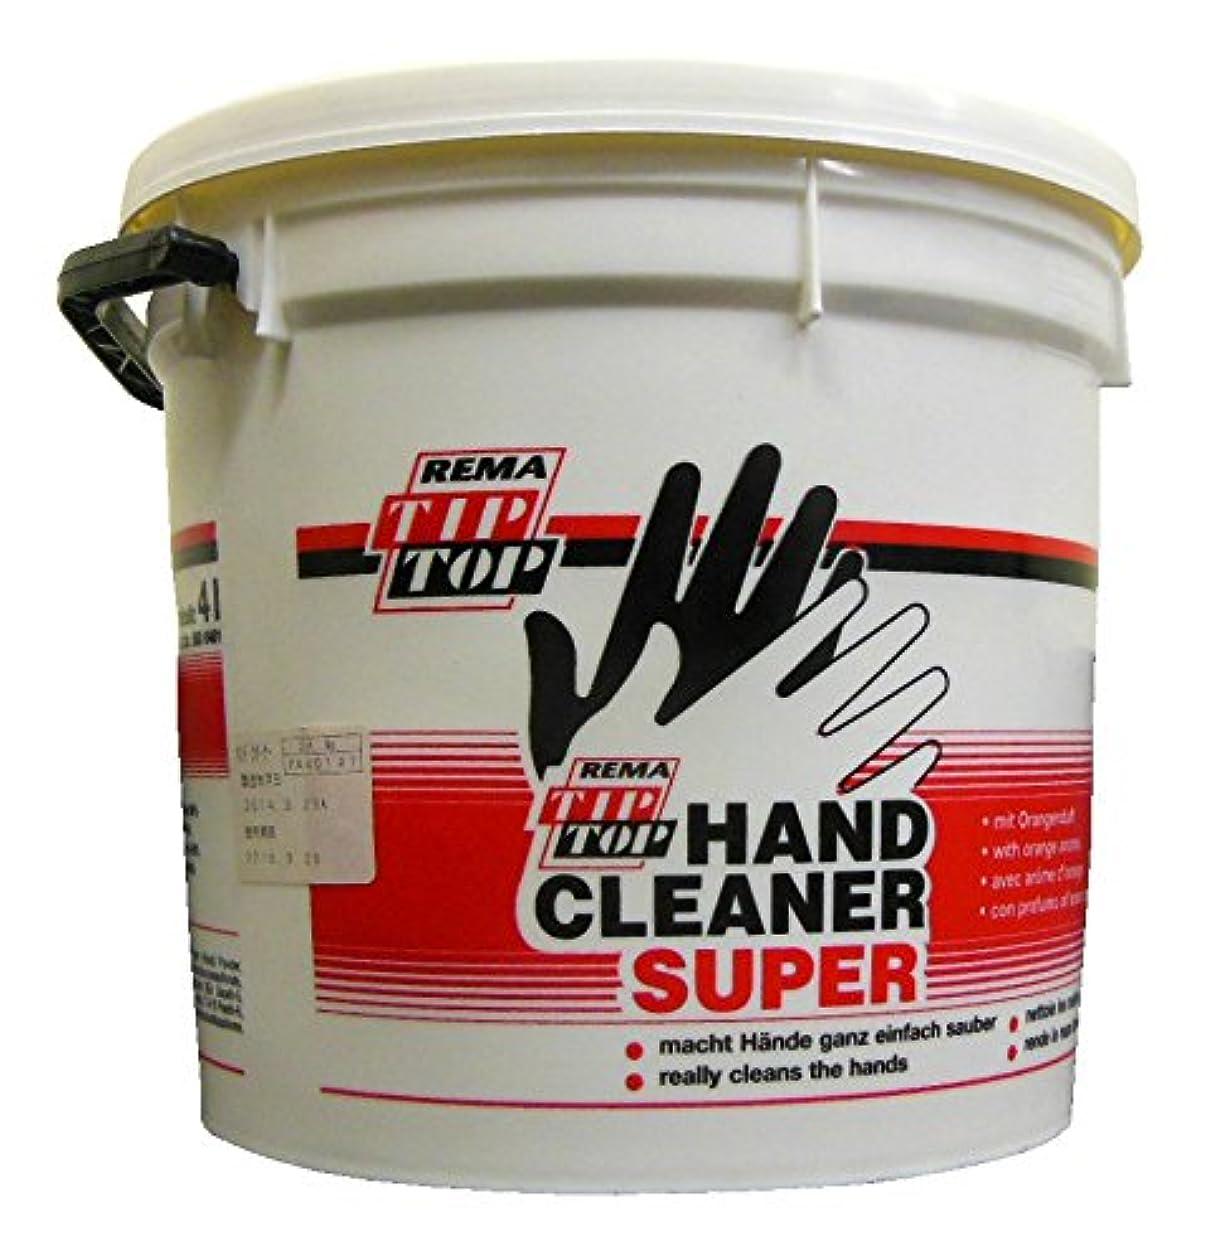 アスレチック結紮公平TIPTOP(チップトップ) ハンドクリーナー HAND CLEANER SUPER 4L H-052